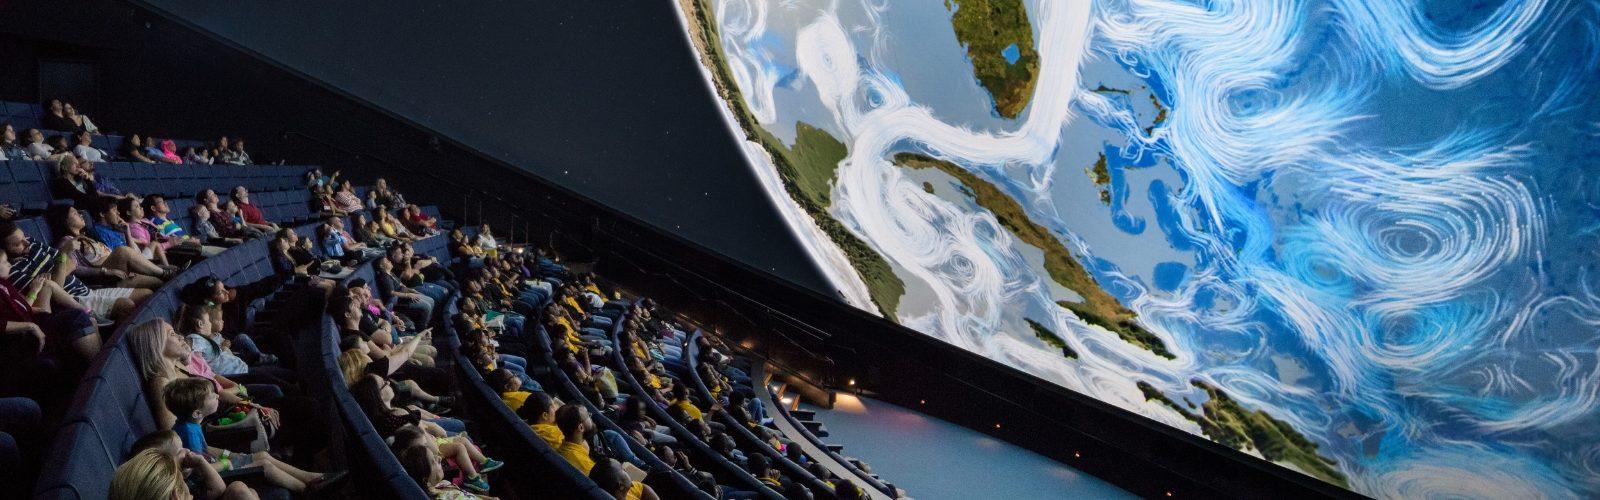 Planetarium - Frost Science